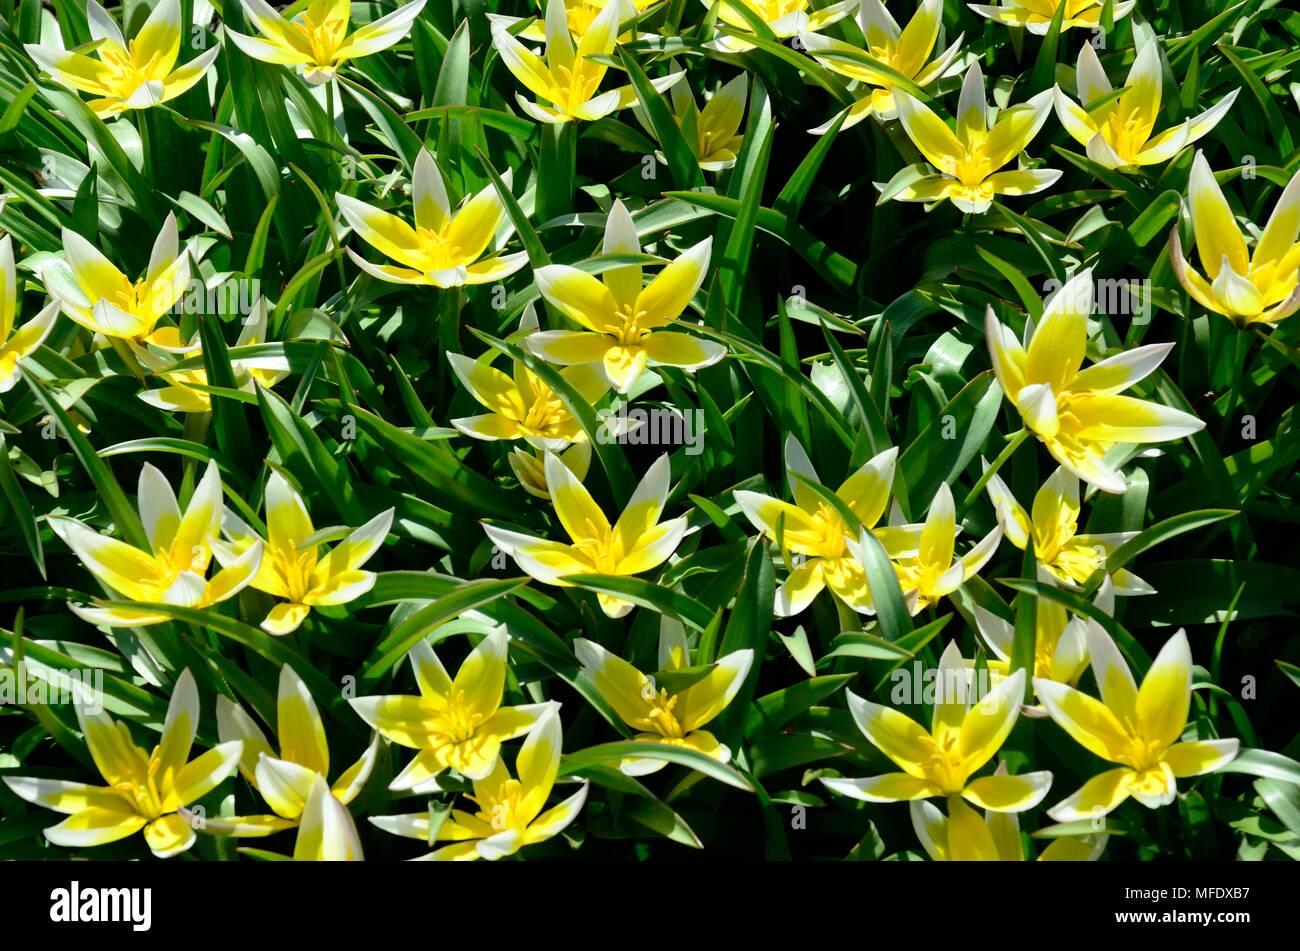 Tulipa Tarda Or Late Tulip Yellow And White Star Shaped Flowers